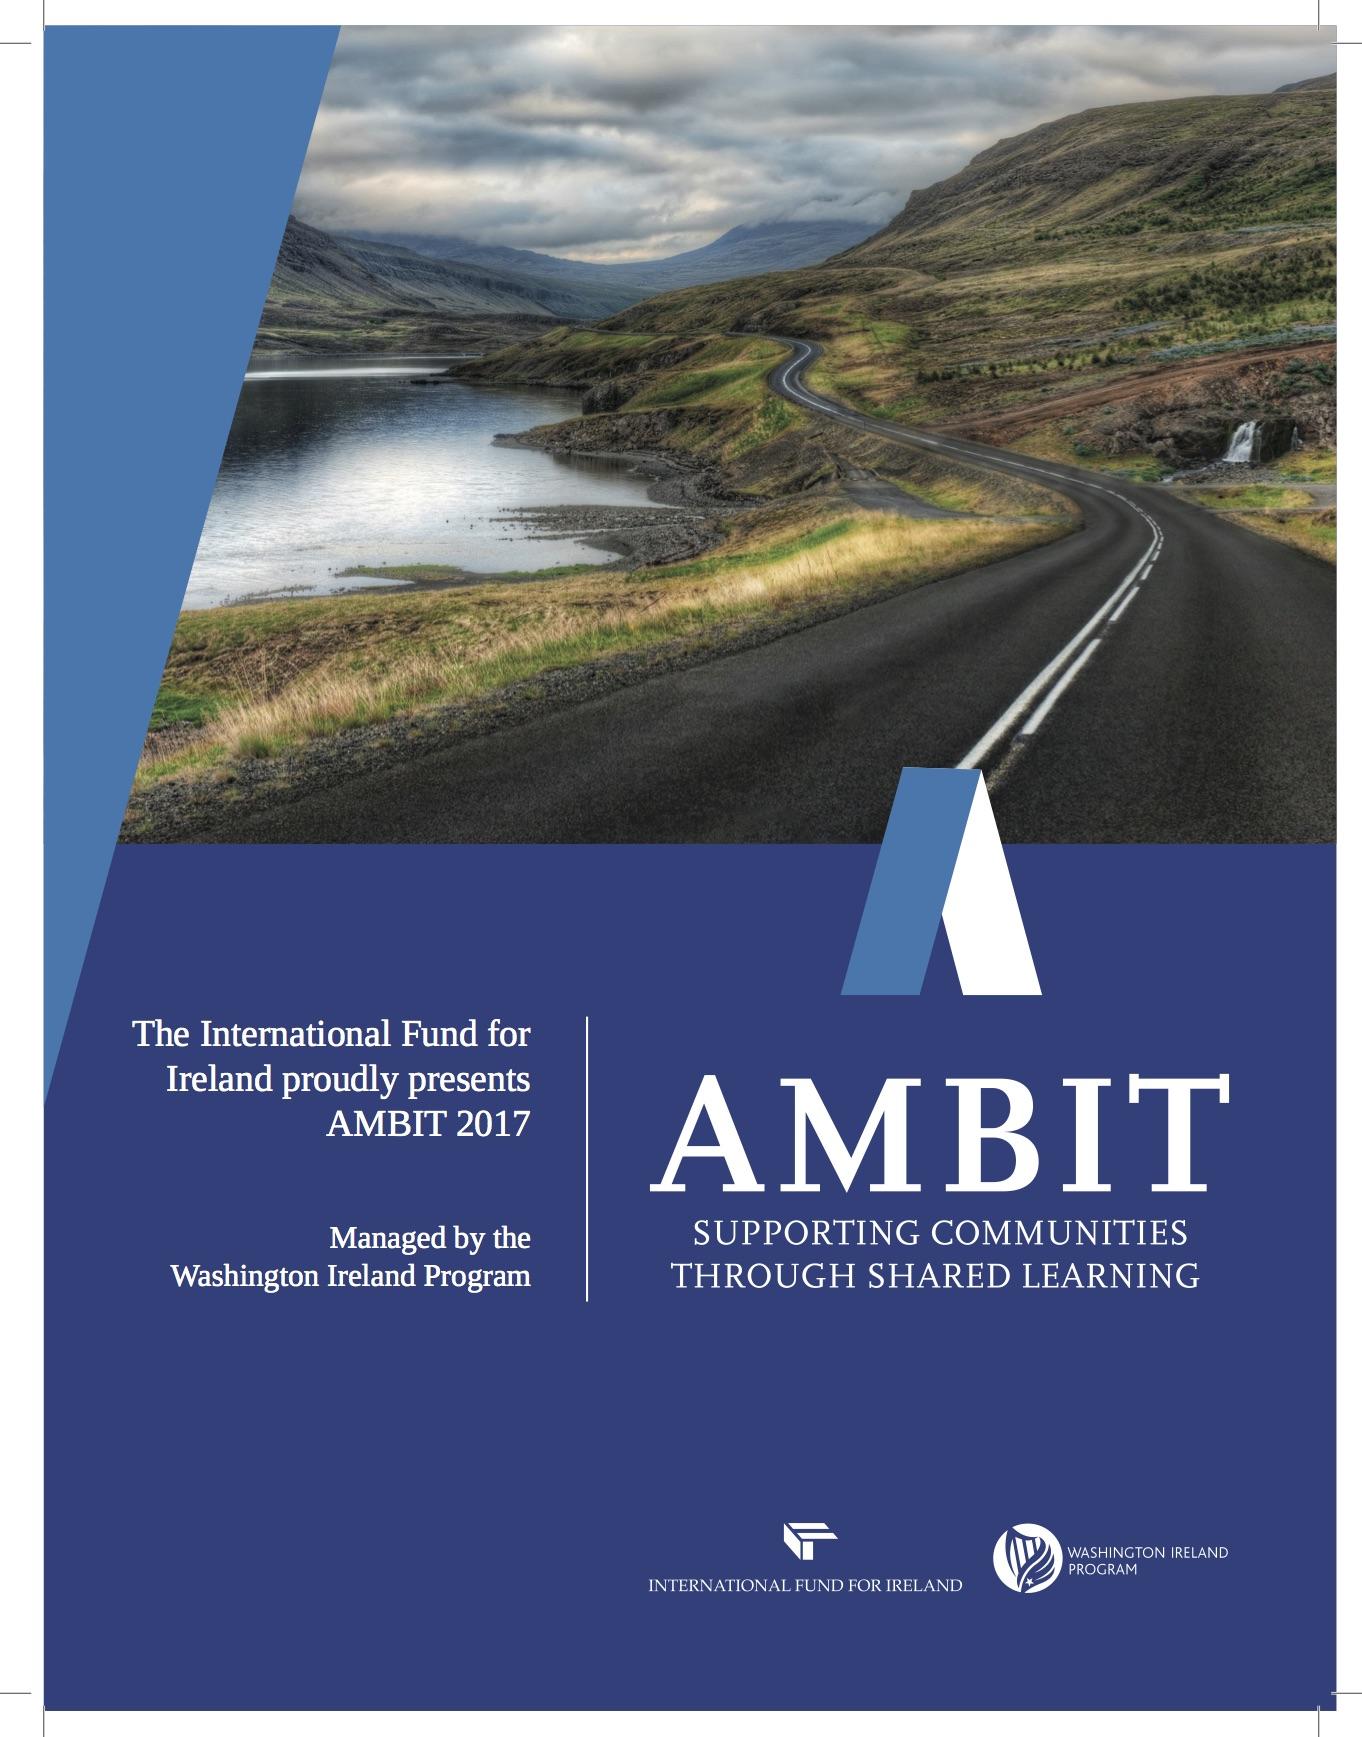 AMBIT 2017 Bios